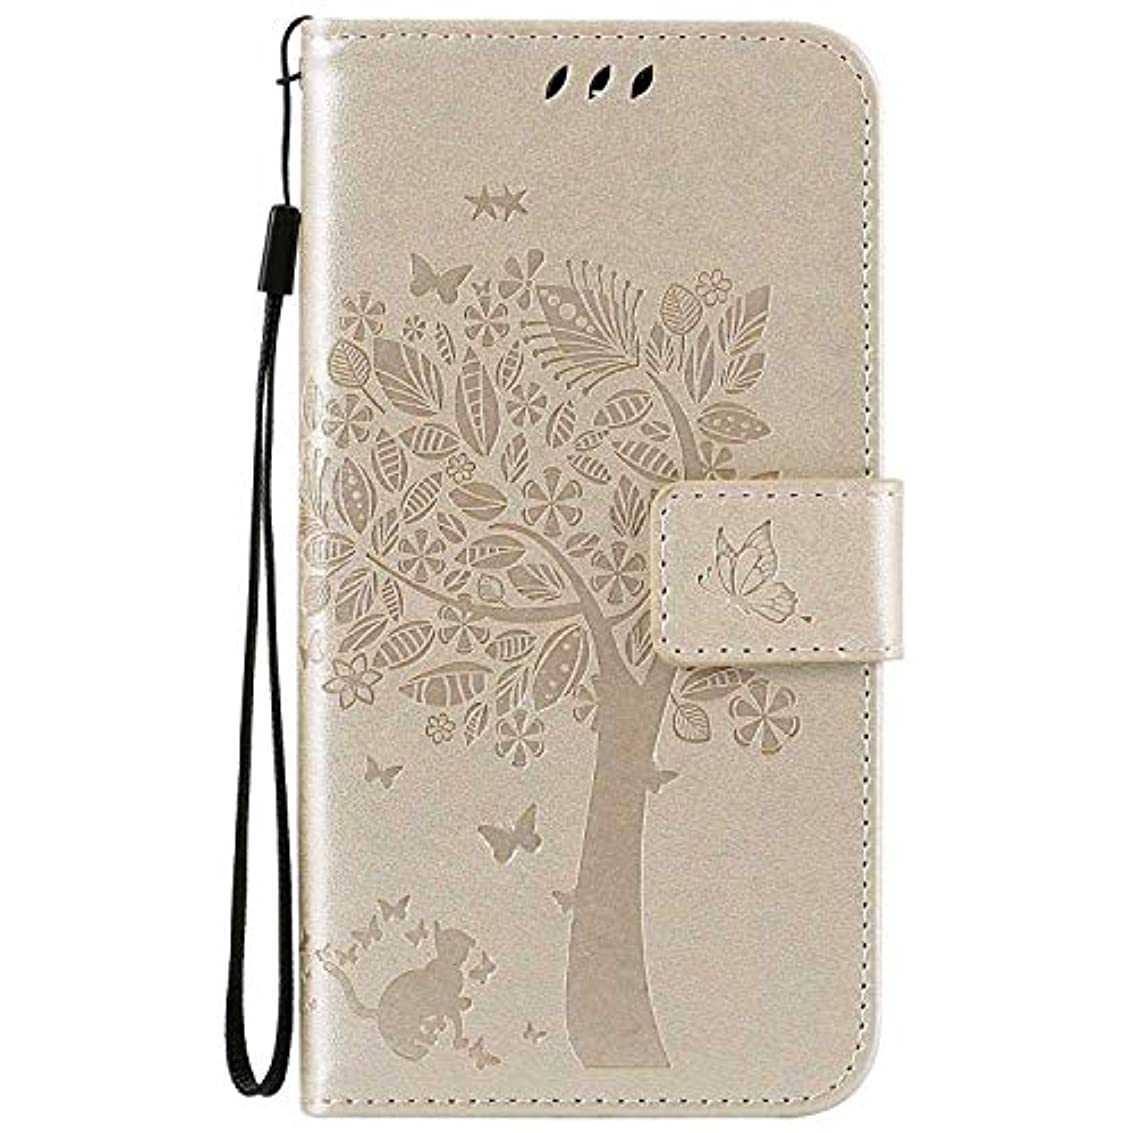 段階感性テストOMATENTI LG K7 / K8 ケース 手帳型ケース ウォレット型 カード収納 ストラップ付き 高級感PUレザー 押し花木柄 落下防止 財布型 カバー LG K7 / K8 用 Case Cover, 白